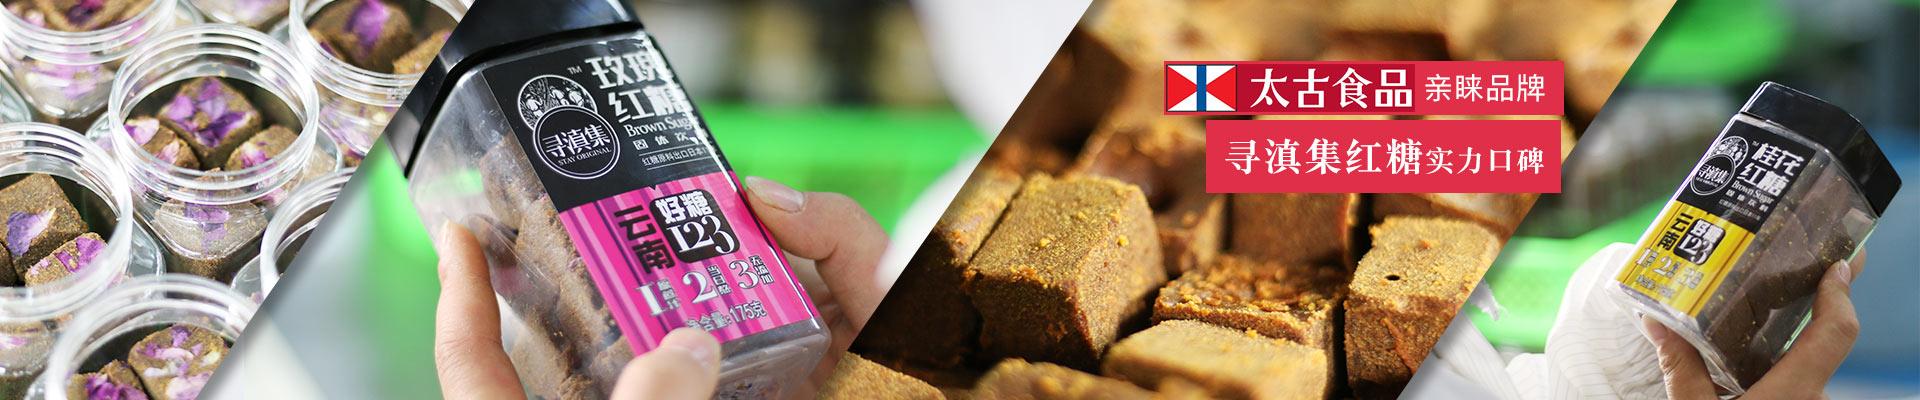 太古食品亲睐品牌,寻滇集红糖实力口碑-万力贸易